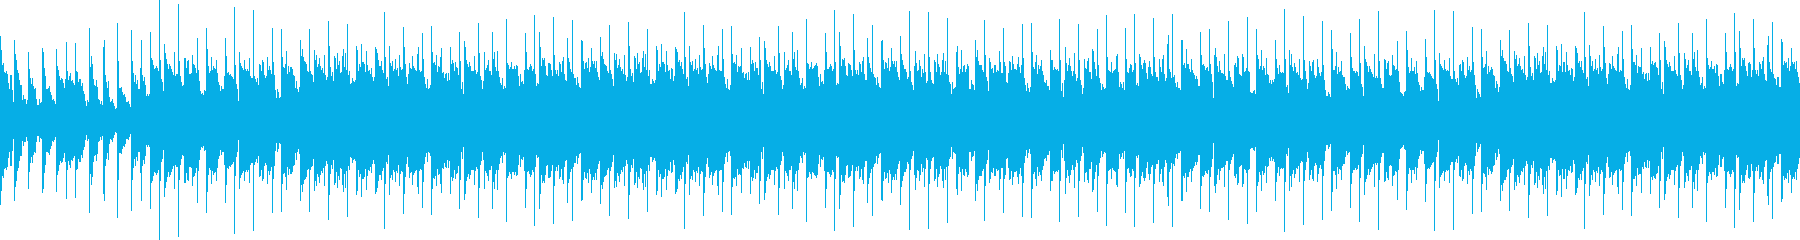 トロピカルで幻想的で軽快なループの再生済みの波形